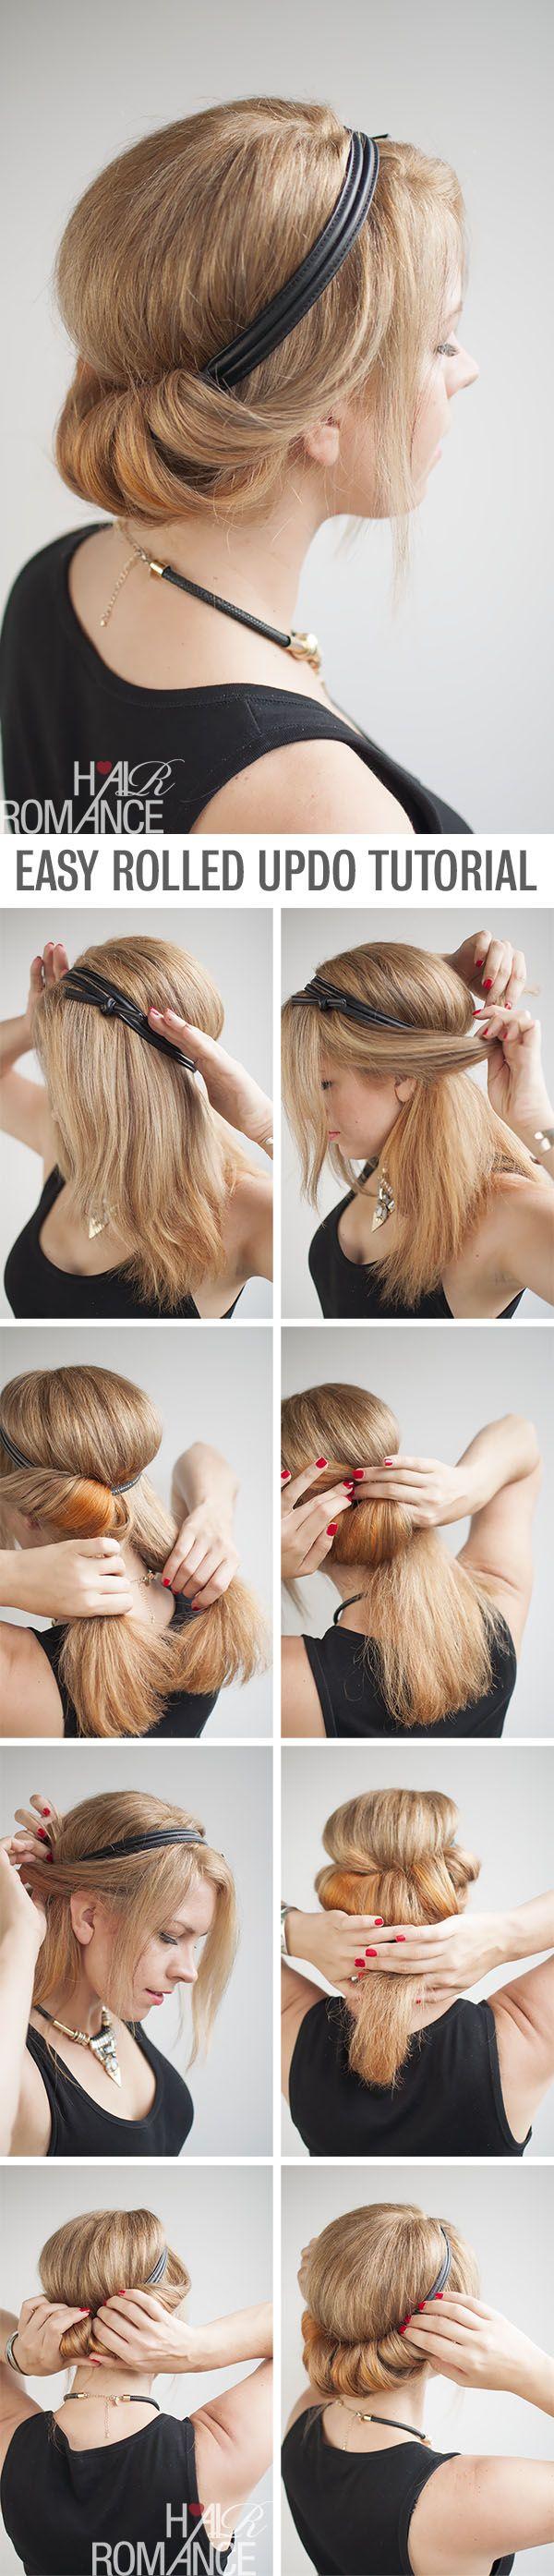 Причёски с обручем для волос фото